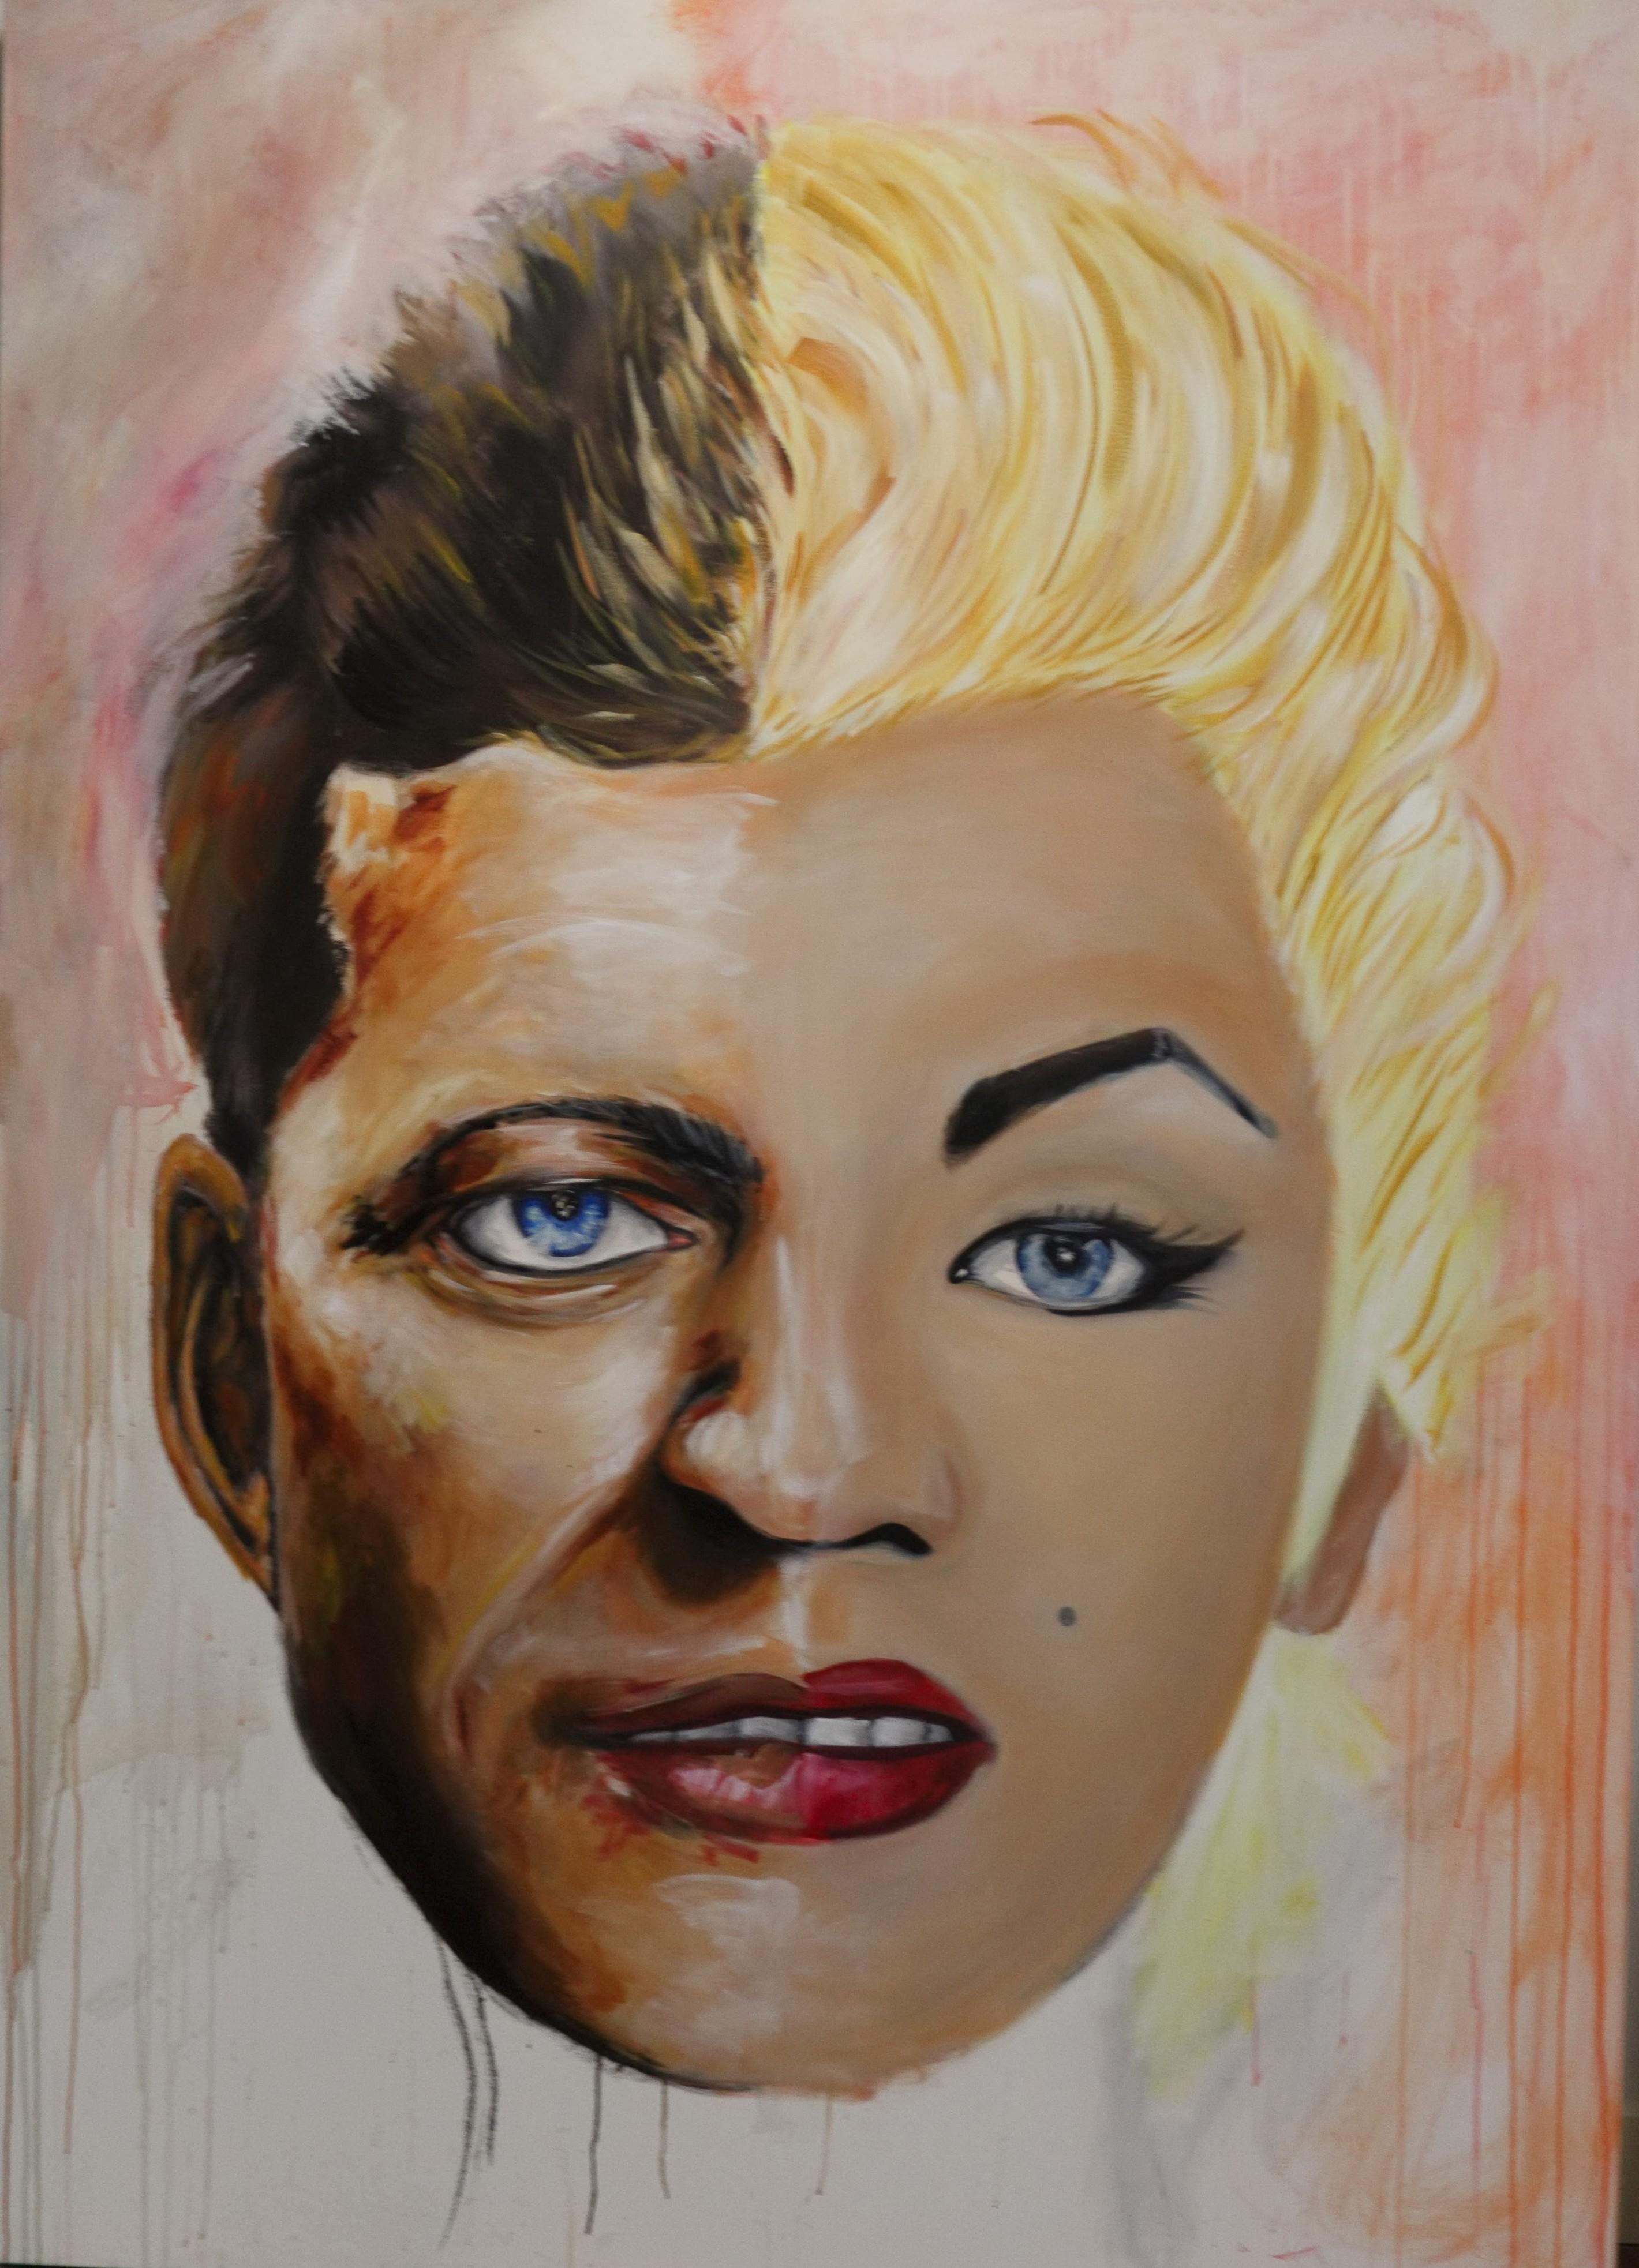 For Sale JFK & Marilyn